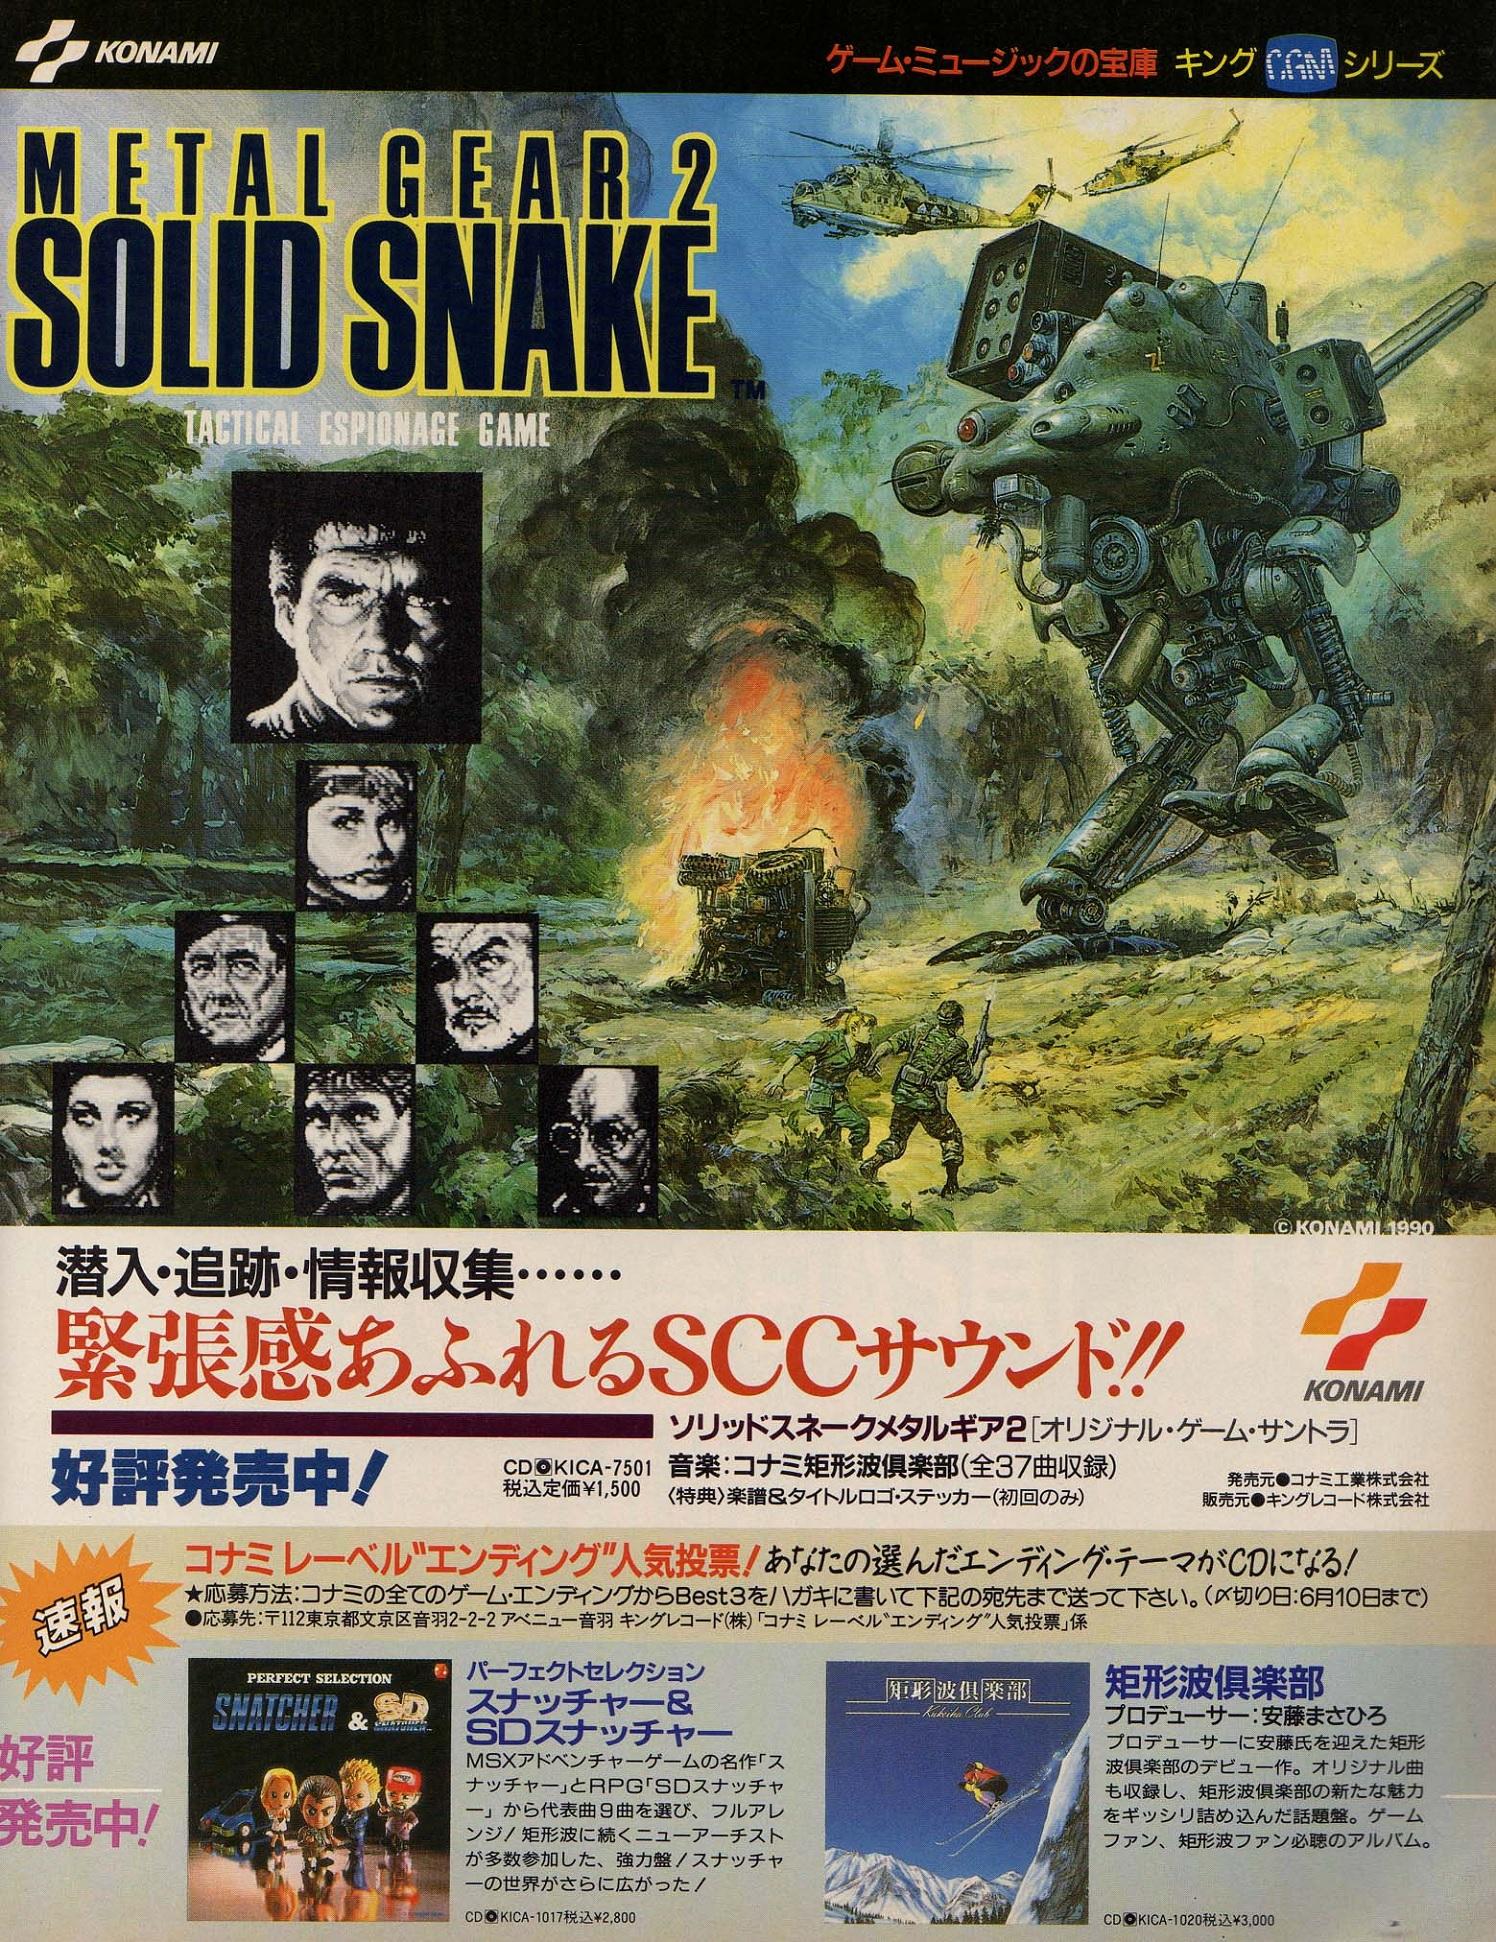 metal gear 2 solid snake metal gear wiki fandom powered by wikia rh metalgear wikia com Metal Gear 2 NES Metal Gear 2 Characters